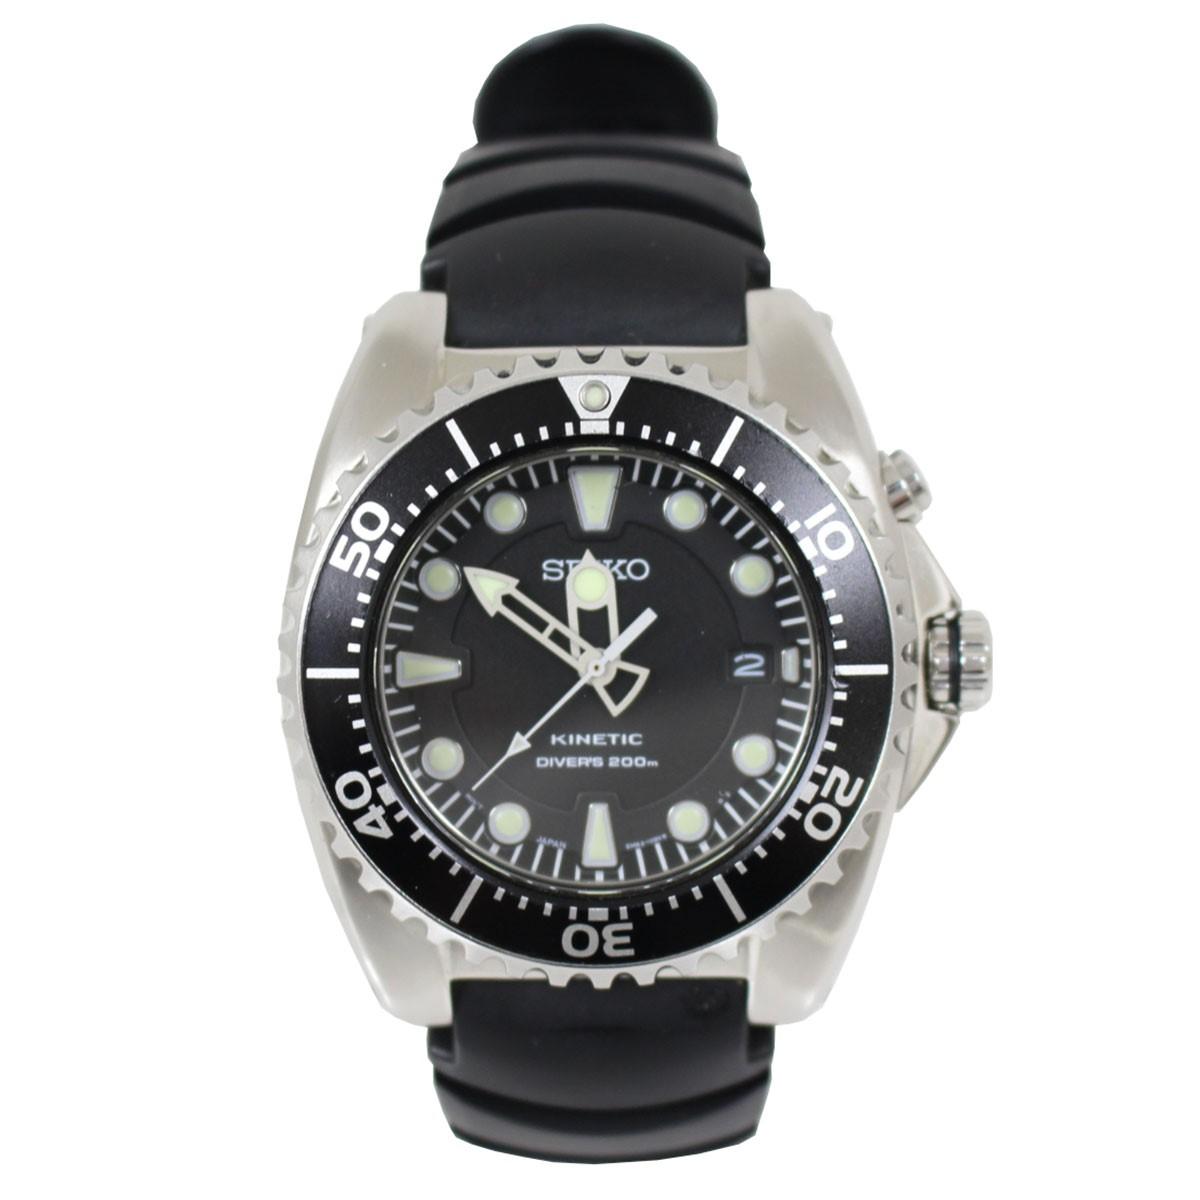 【中古】SEIKO Kinetic キネティック 腕時計 5M62-0BL0 自動巻き シルバー、ブラック サイズ:- 【送料無料】 【030419】(セイコー)